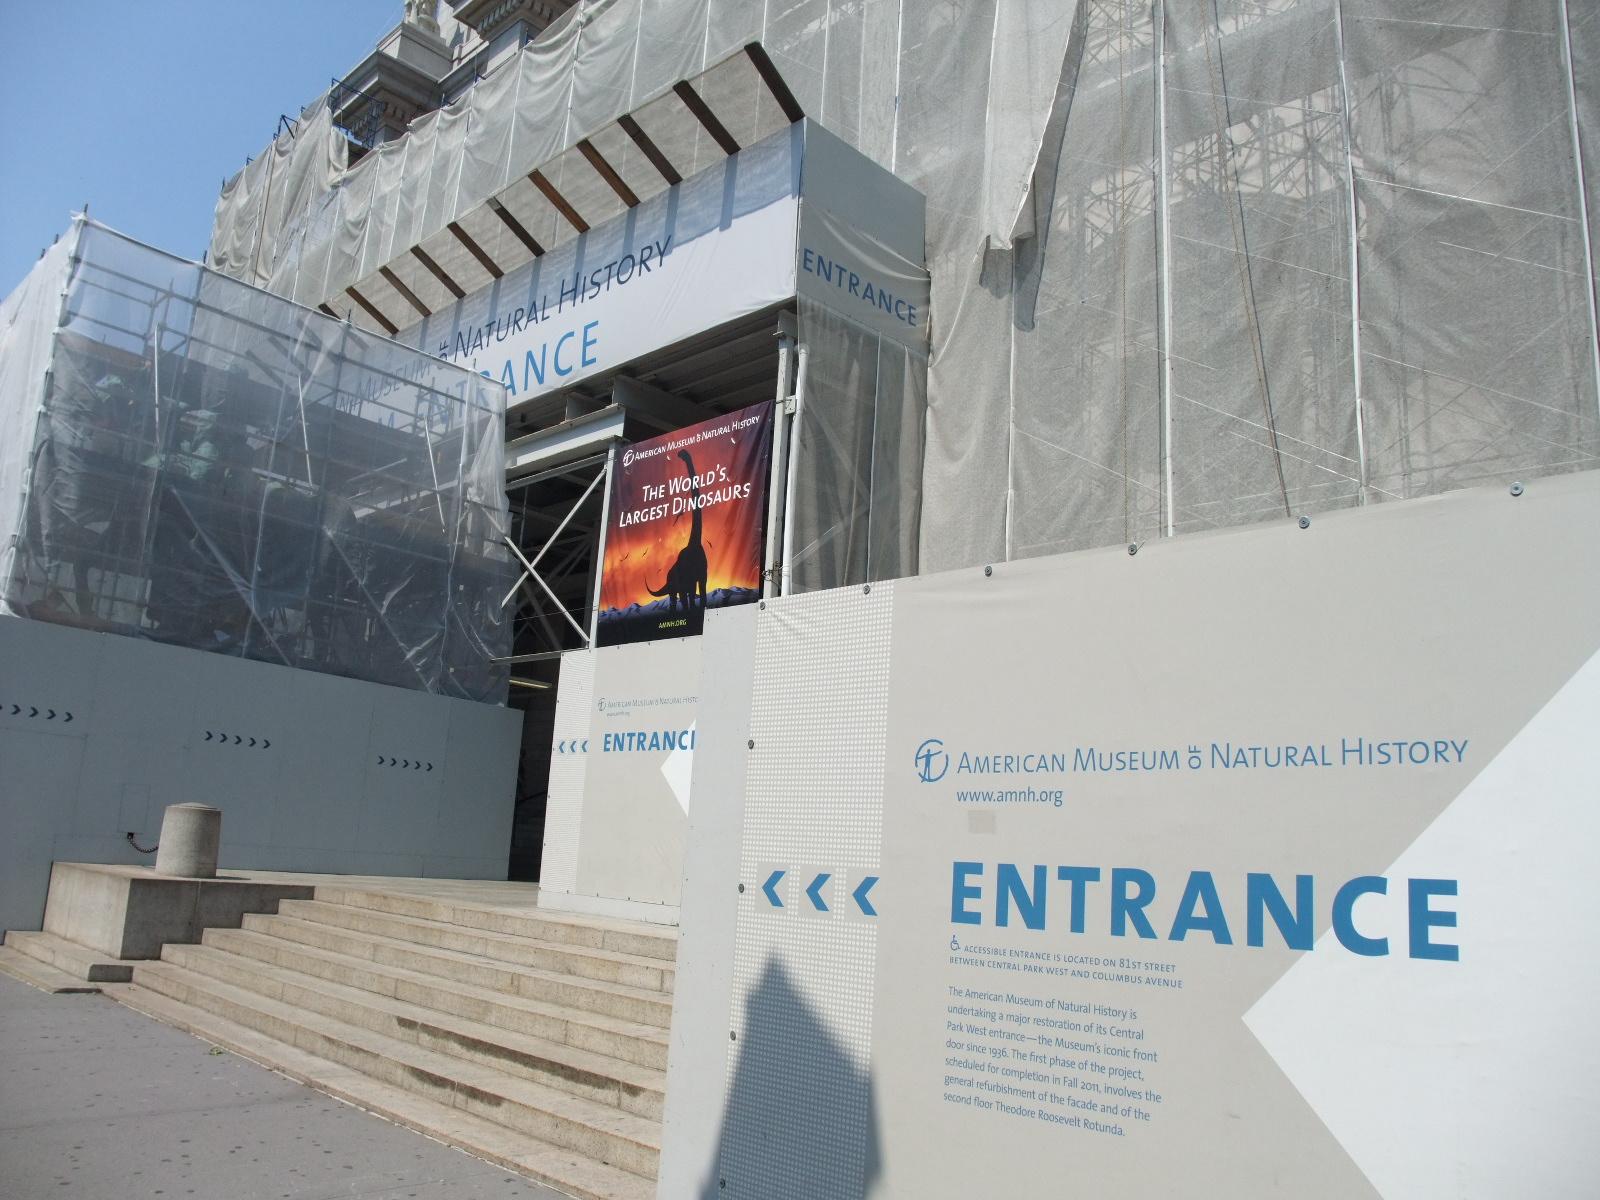 미국 자연사박물관(1) - 공룡 및 빙하기 편